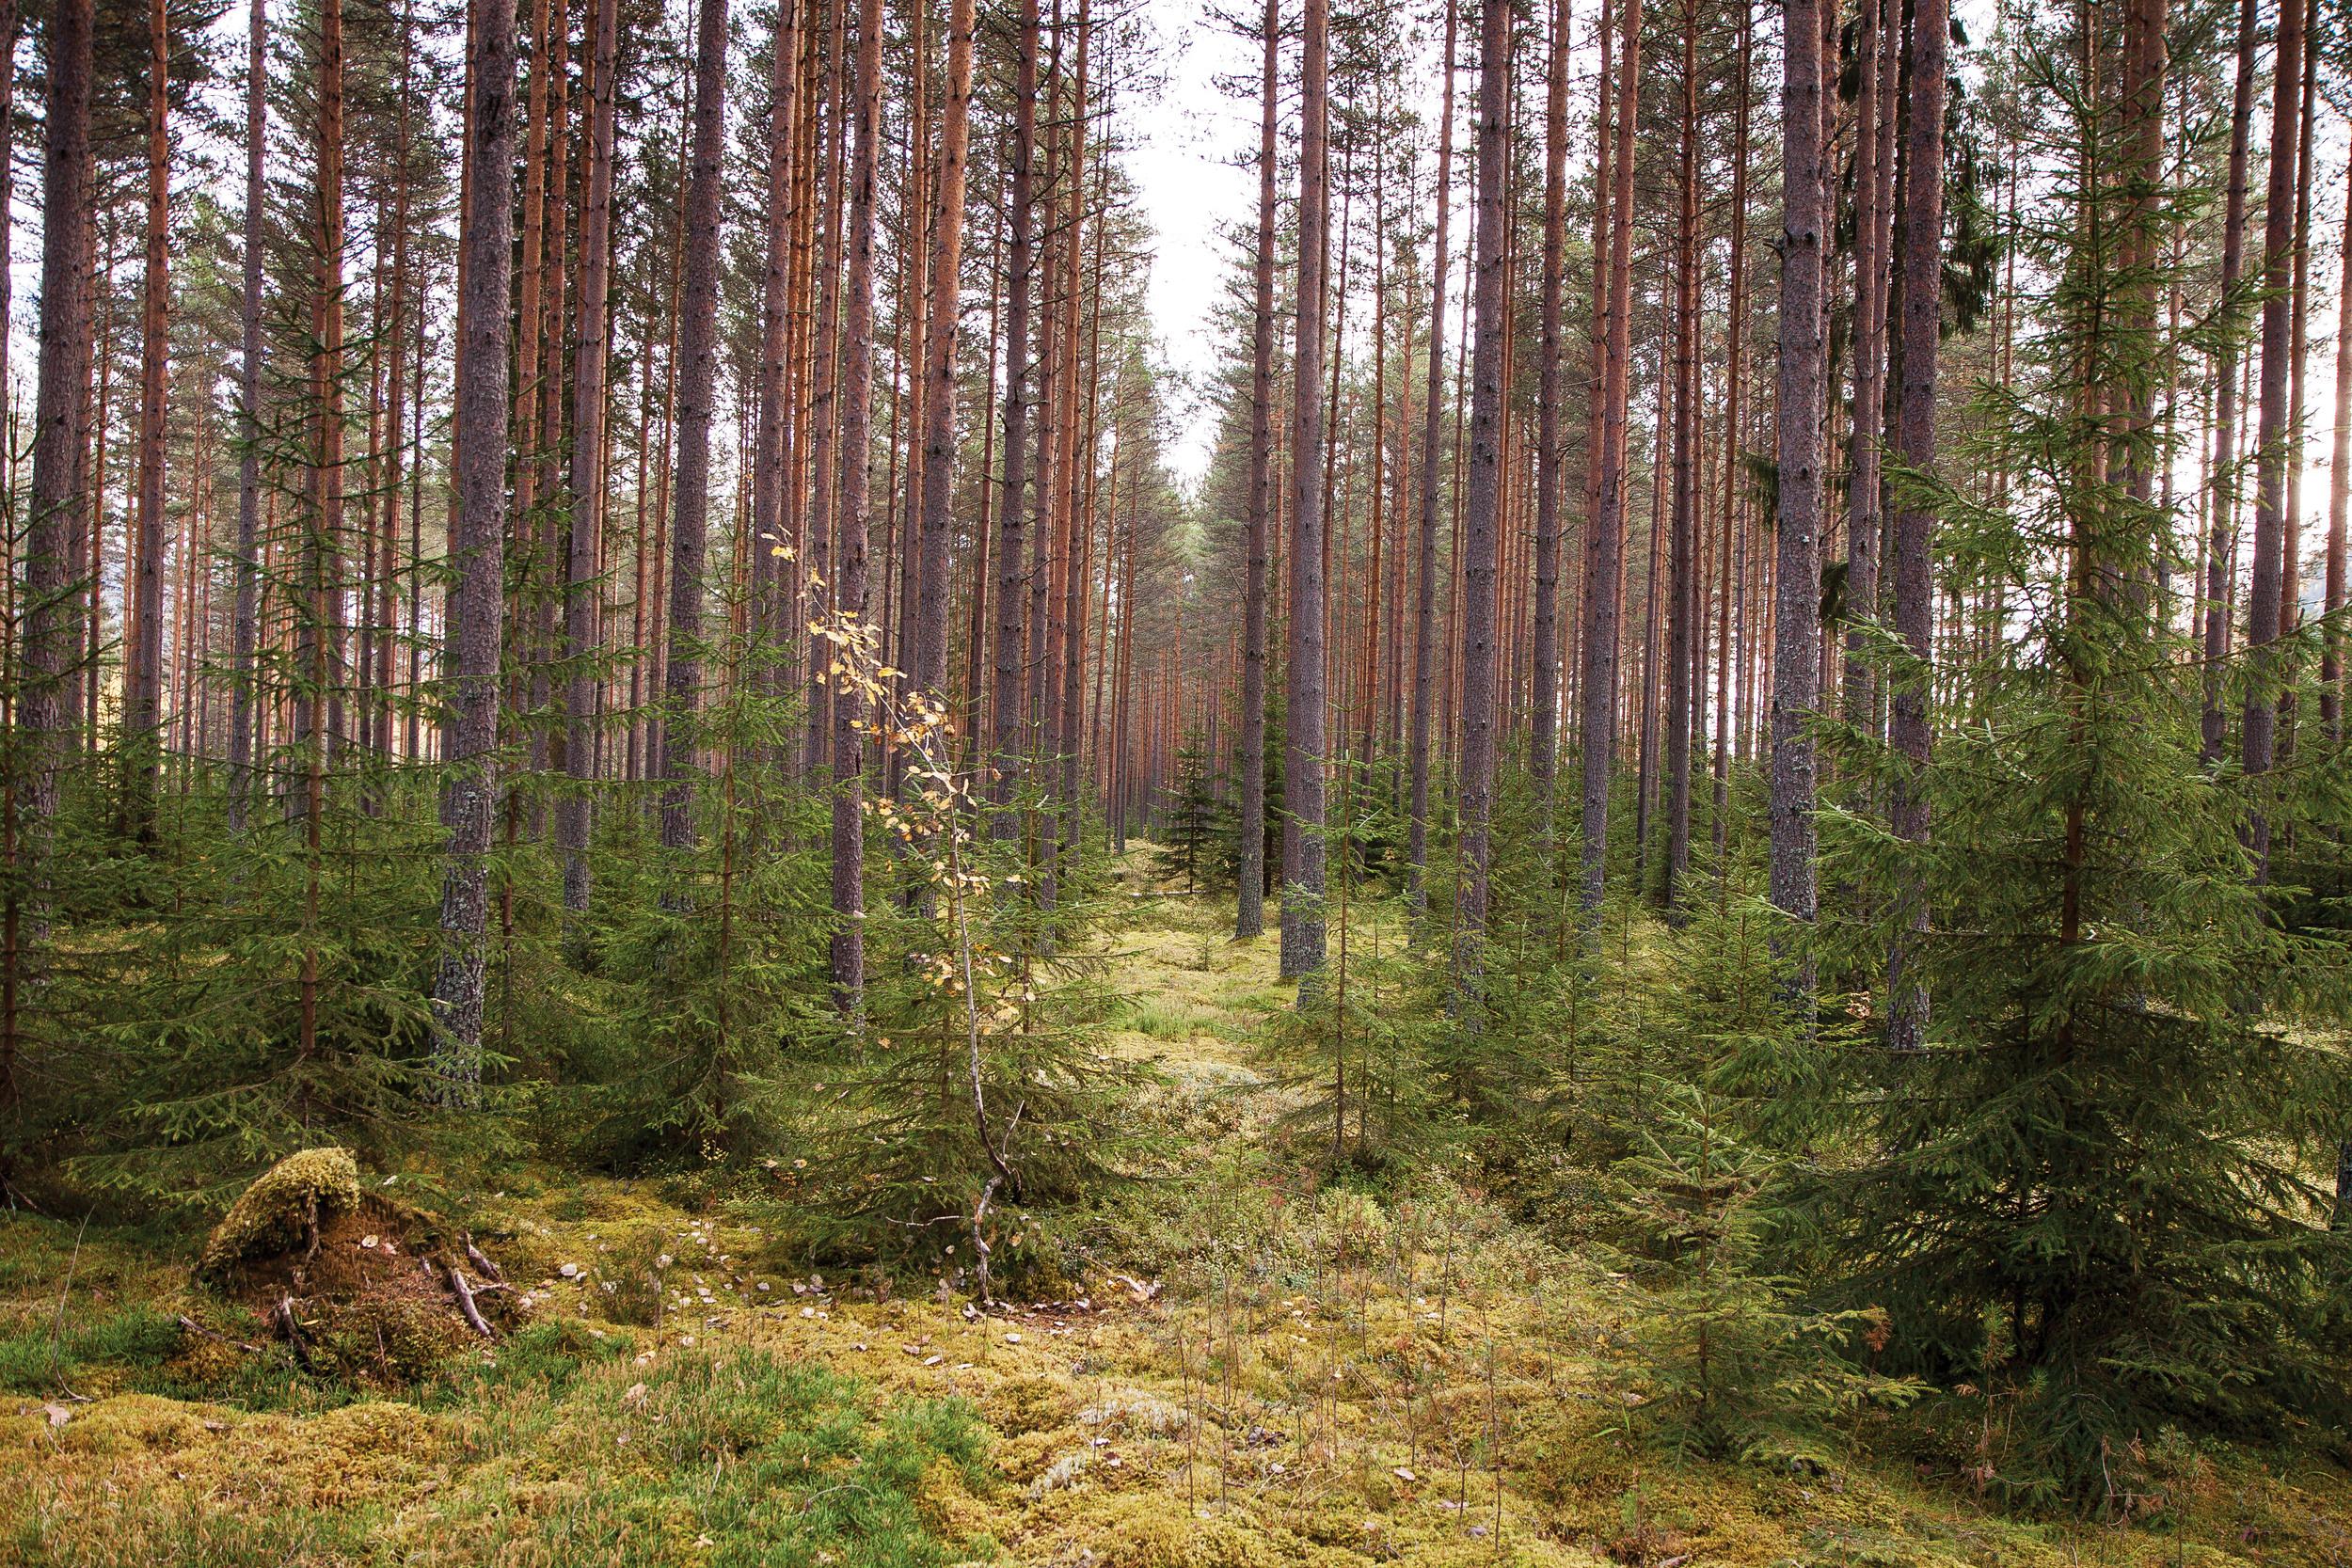 Mark der det kan produseres minst 1 kubikkmeter trevirke per hektar og år defineres som produktiv skog. Foto: John Yngvar Larsson, NIBIO